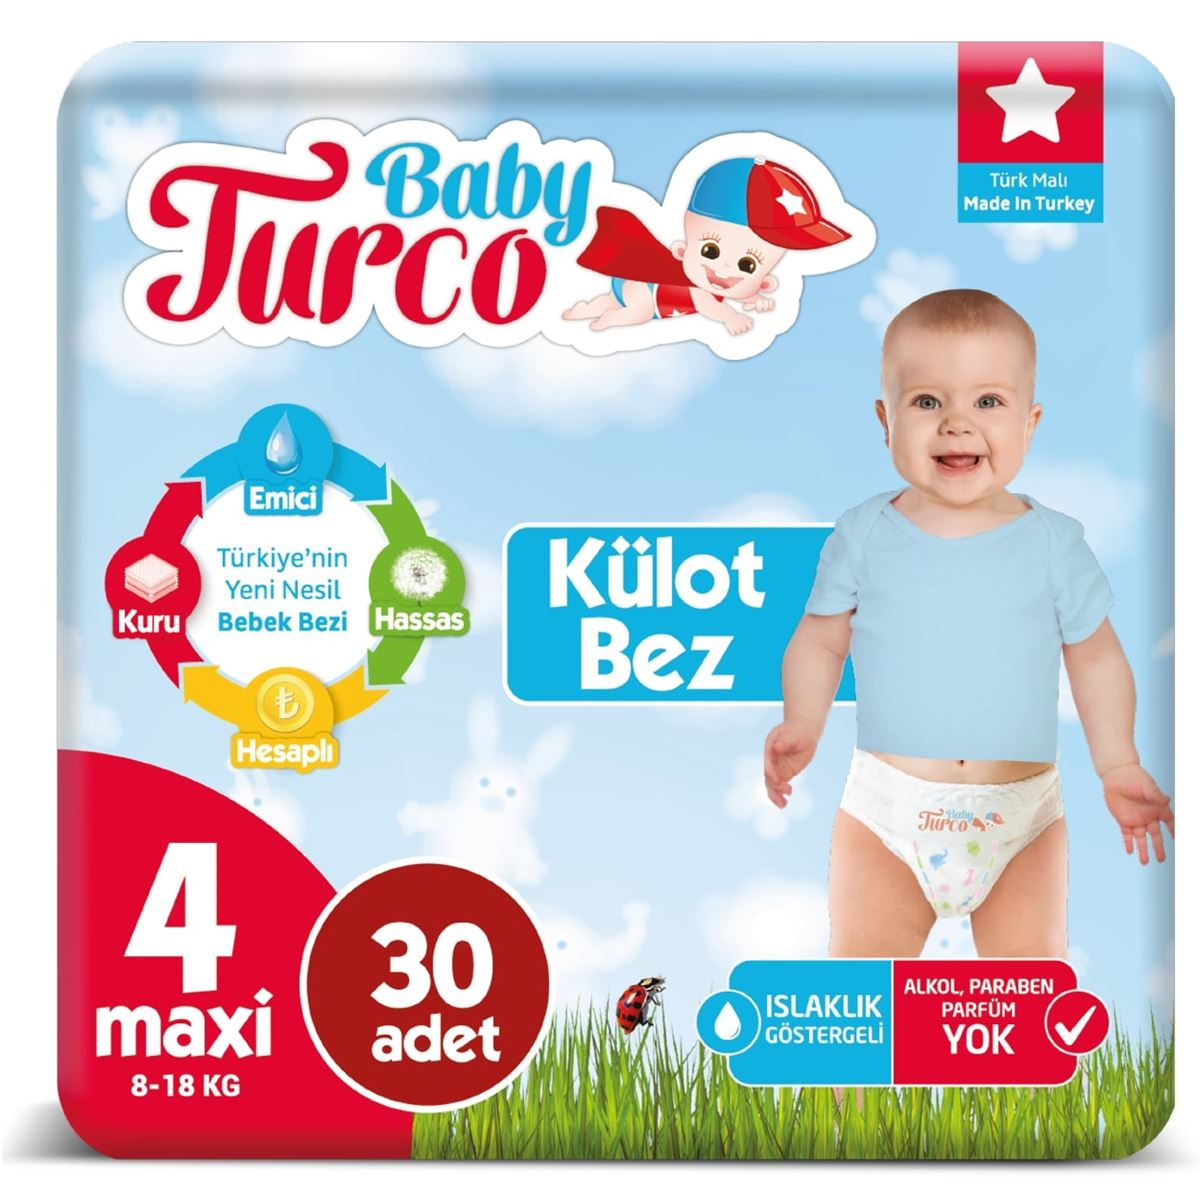 Baby Turco Külot Bez 4 Numara Maxi 30 Adet Ped Hediyeli